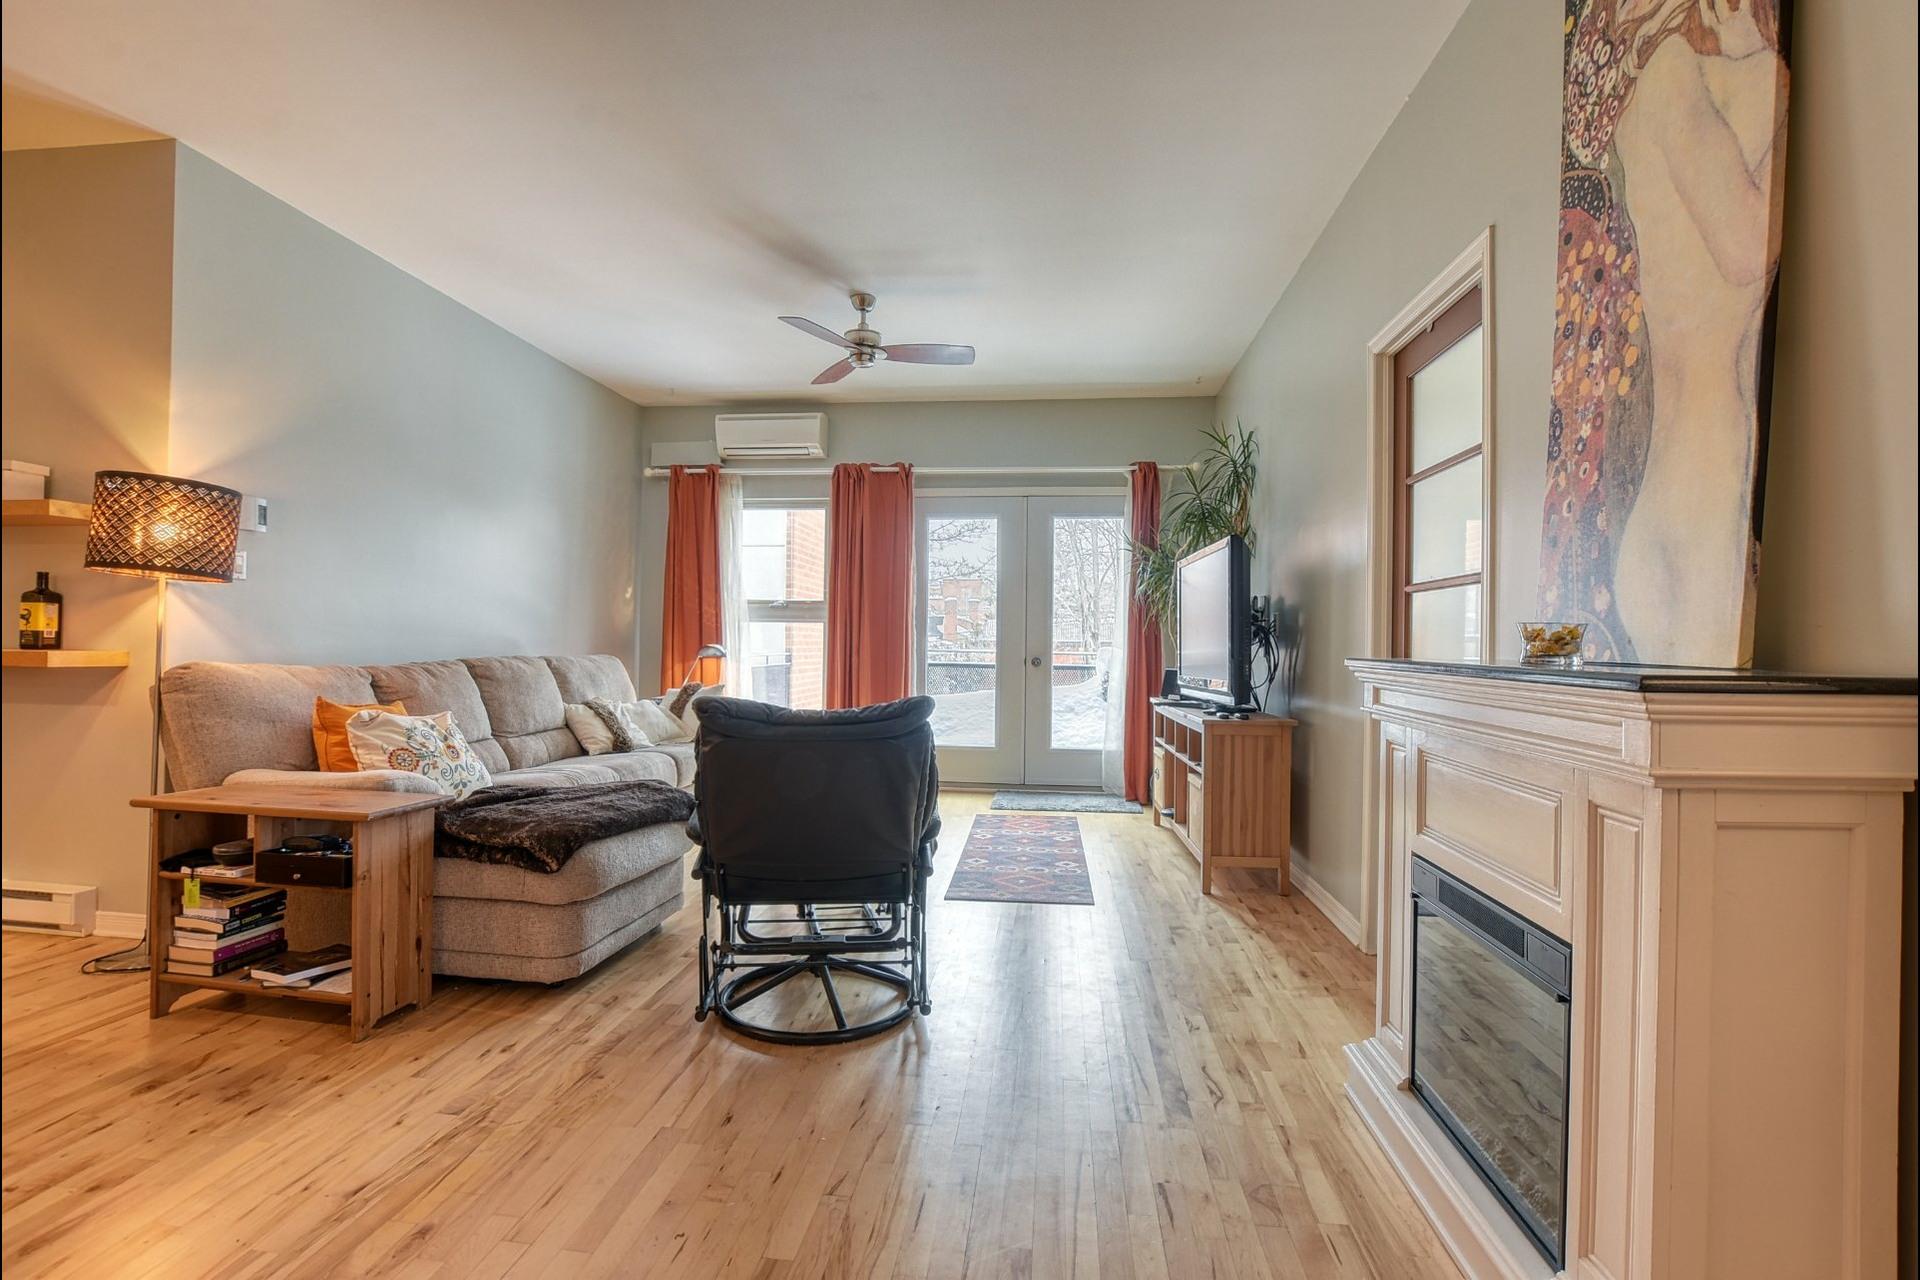 image 2 - Appartement À vendre Rosemont/La Petite-Patrie Montréal  - 6 pièces